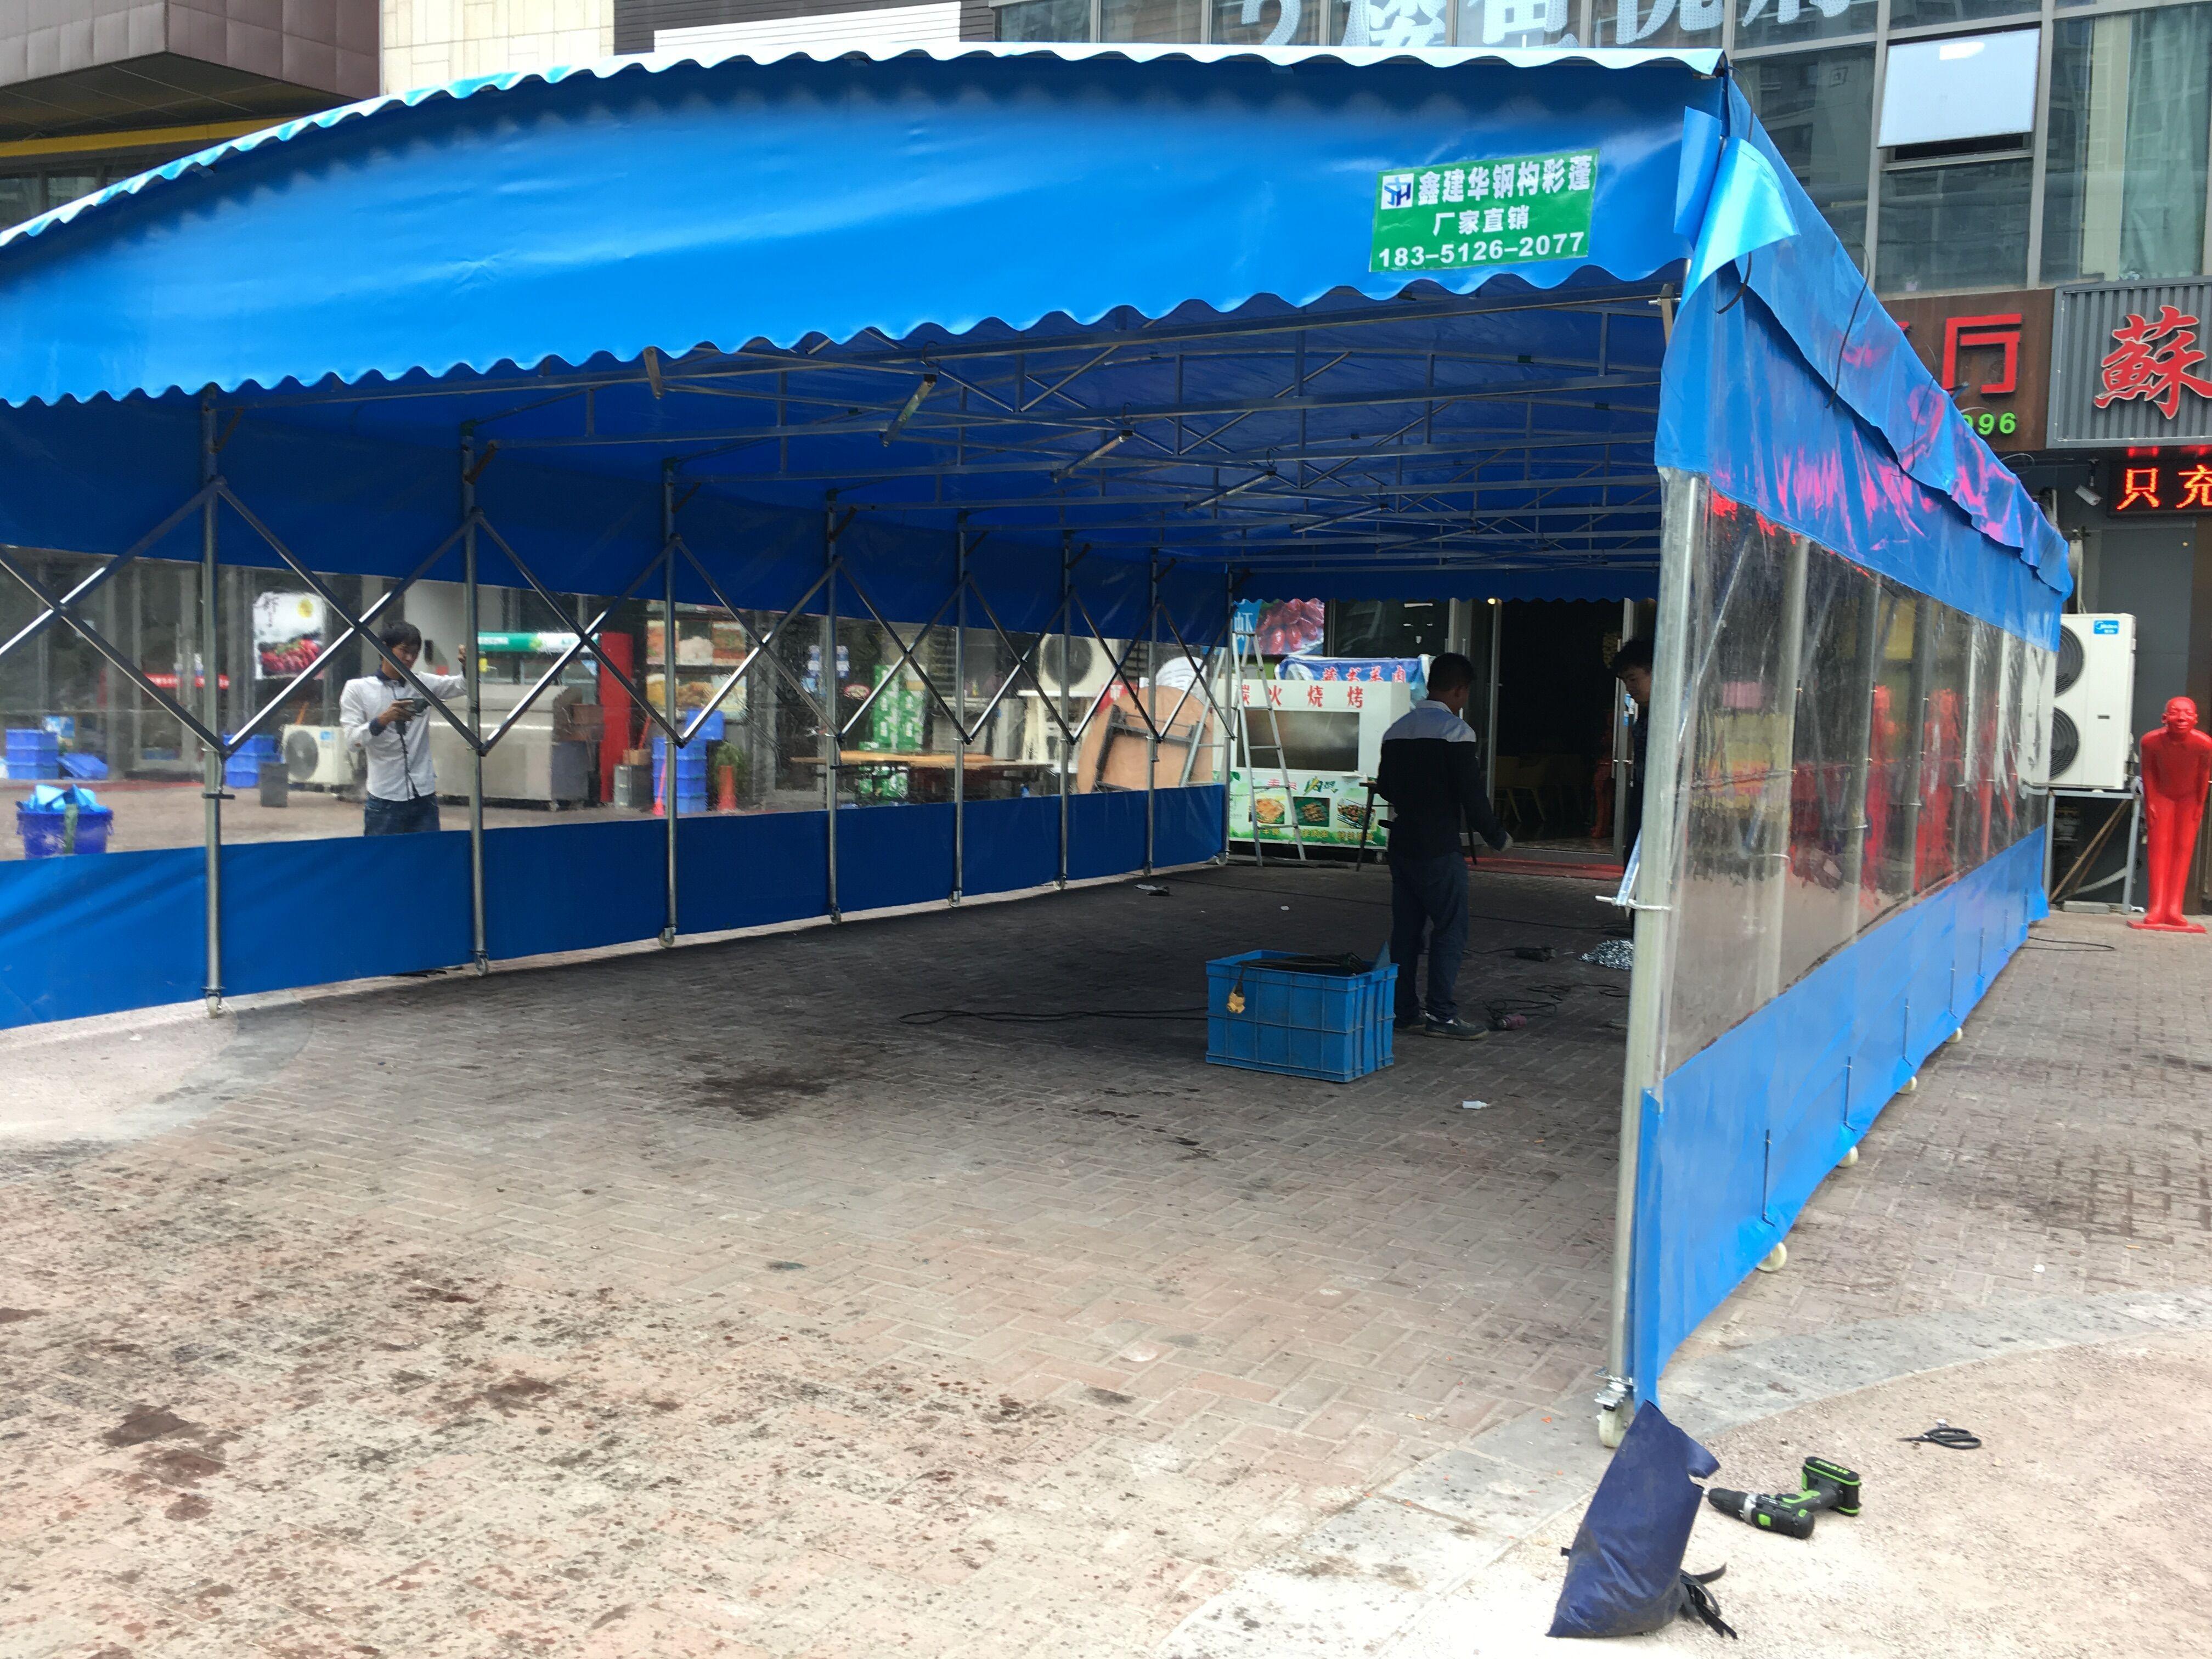 驻马店排挡雨篷